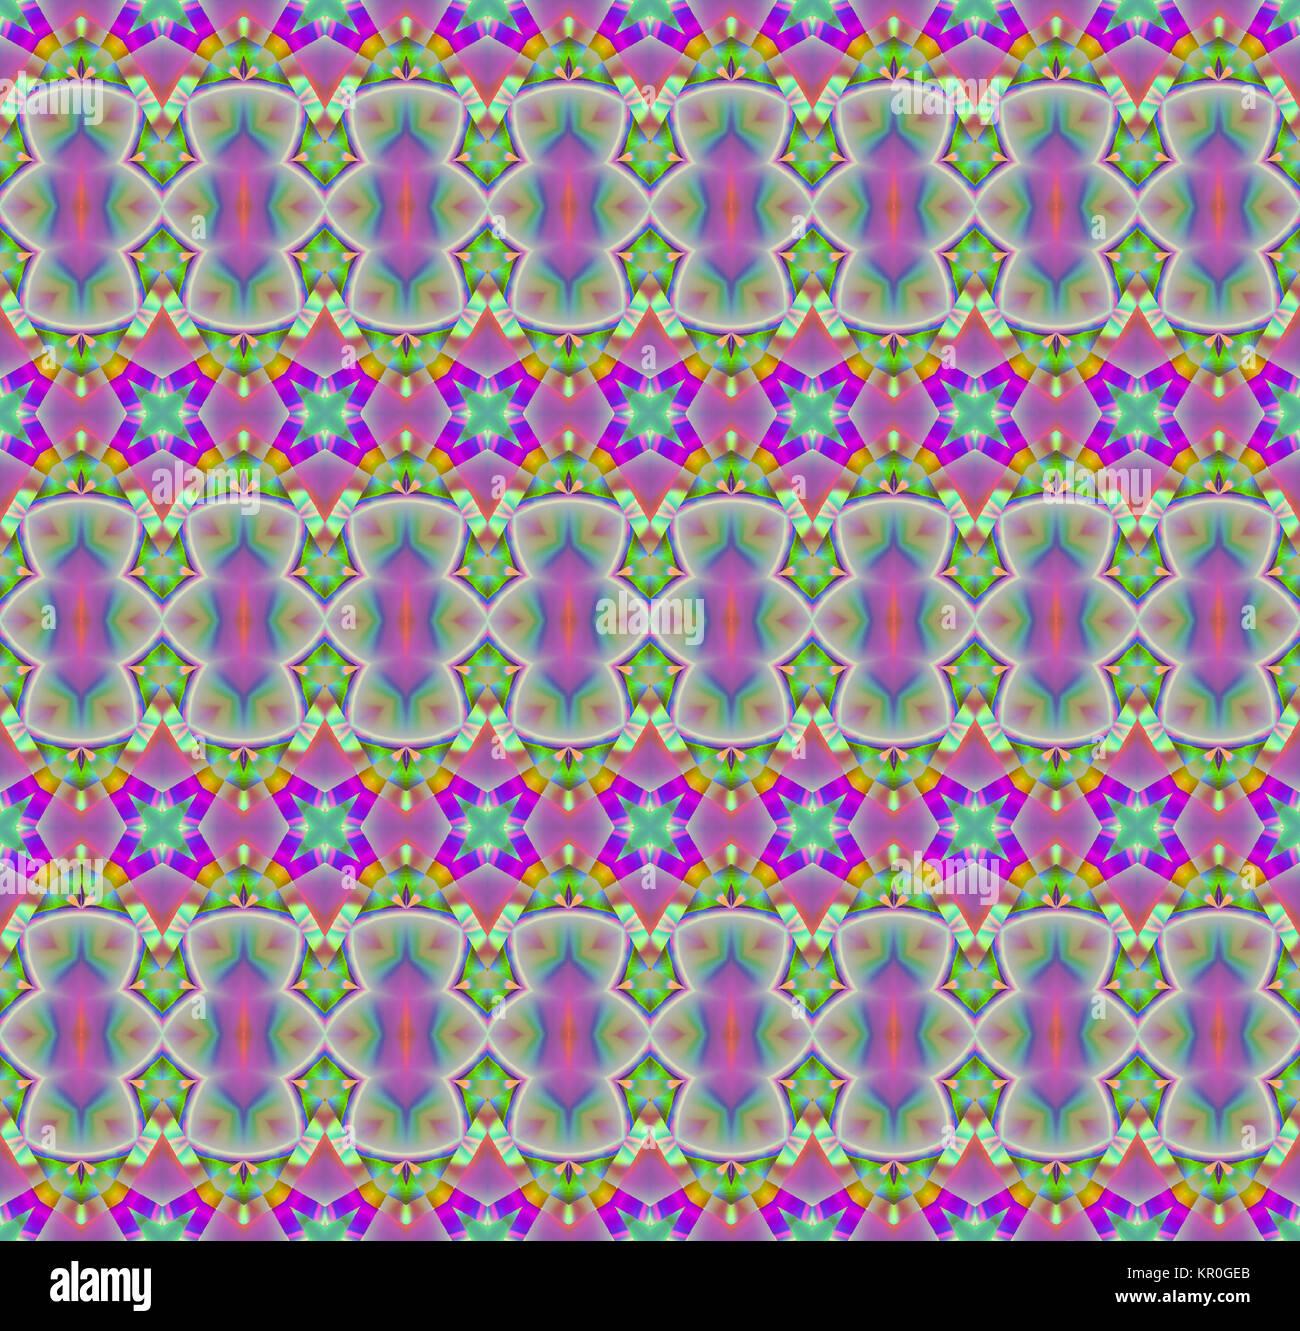 Abstrakte Geometrische Nahtlose Hintergrund Mehrfarbige Regelmassigen Muster Mit Verschiedenen Elementen Magenta Violett Grun Und Gelb Verzierten Vertraumt Bunte Wellenlinien Schwarzen